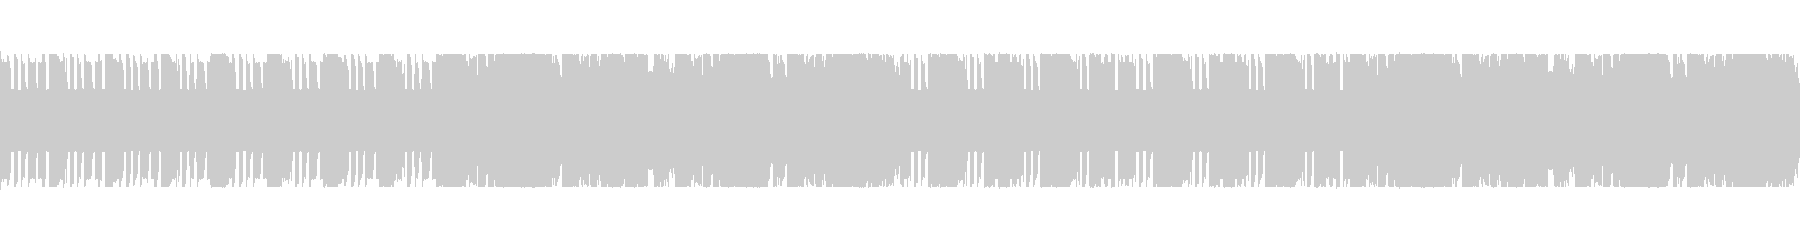 8bit・レトロゲーム・アップテンポの未再生の波形